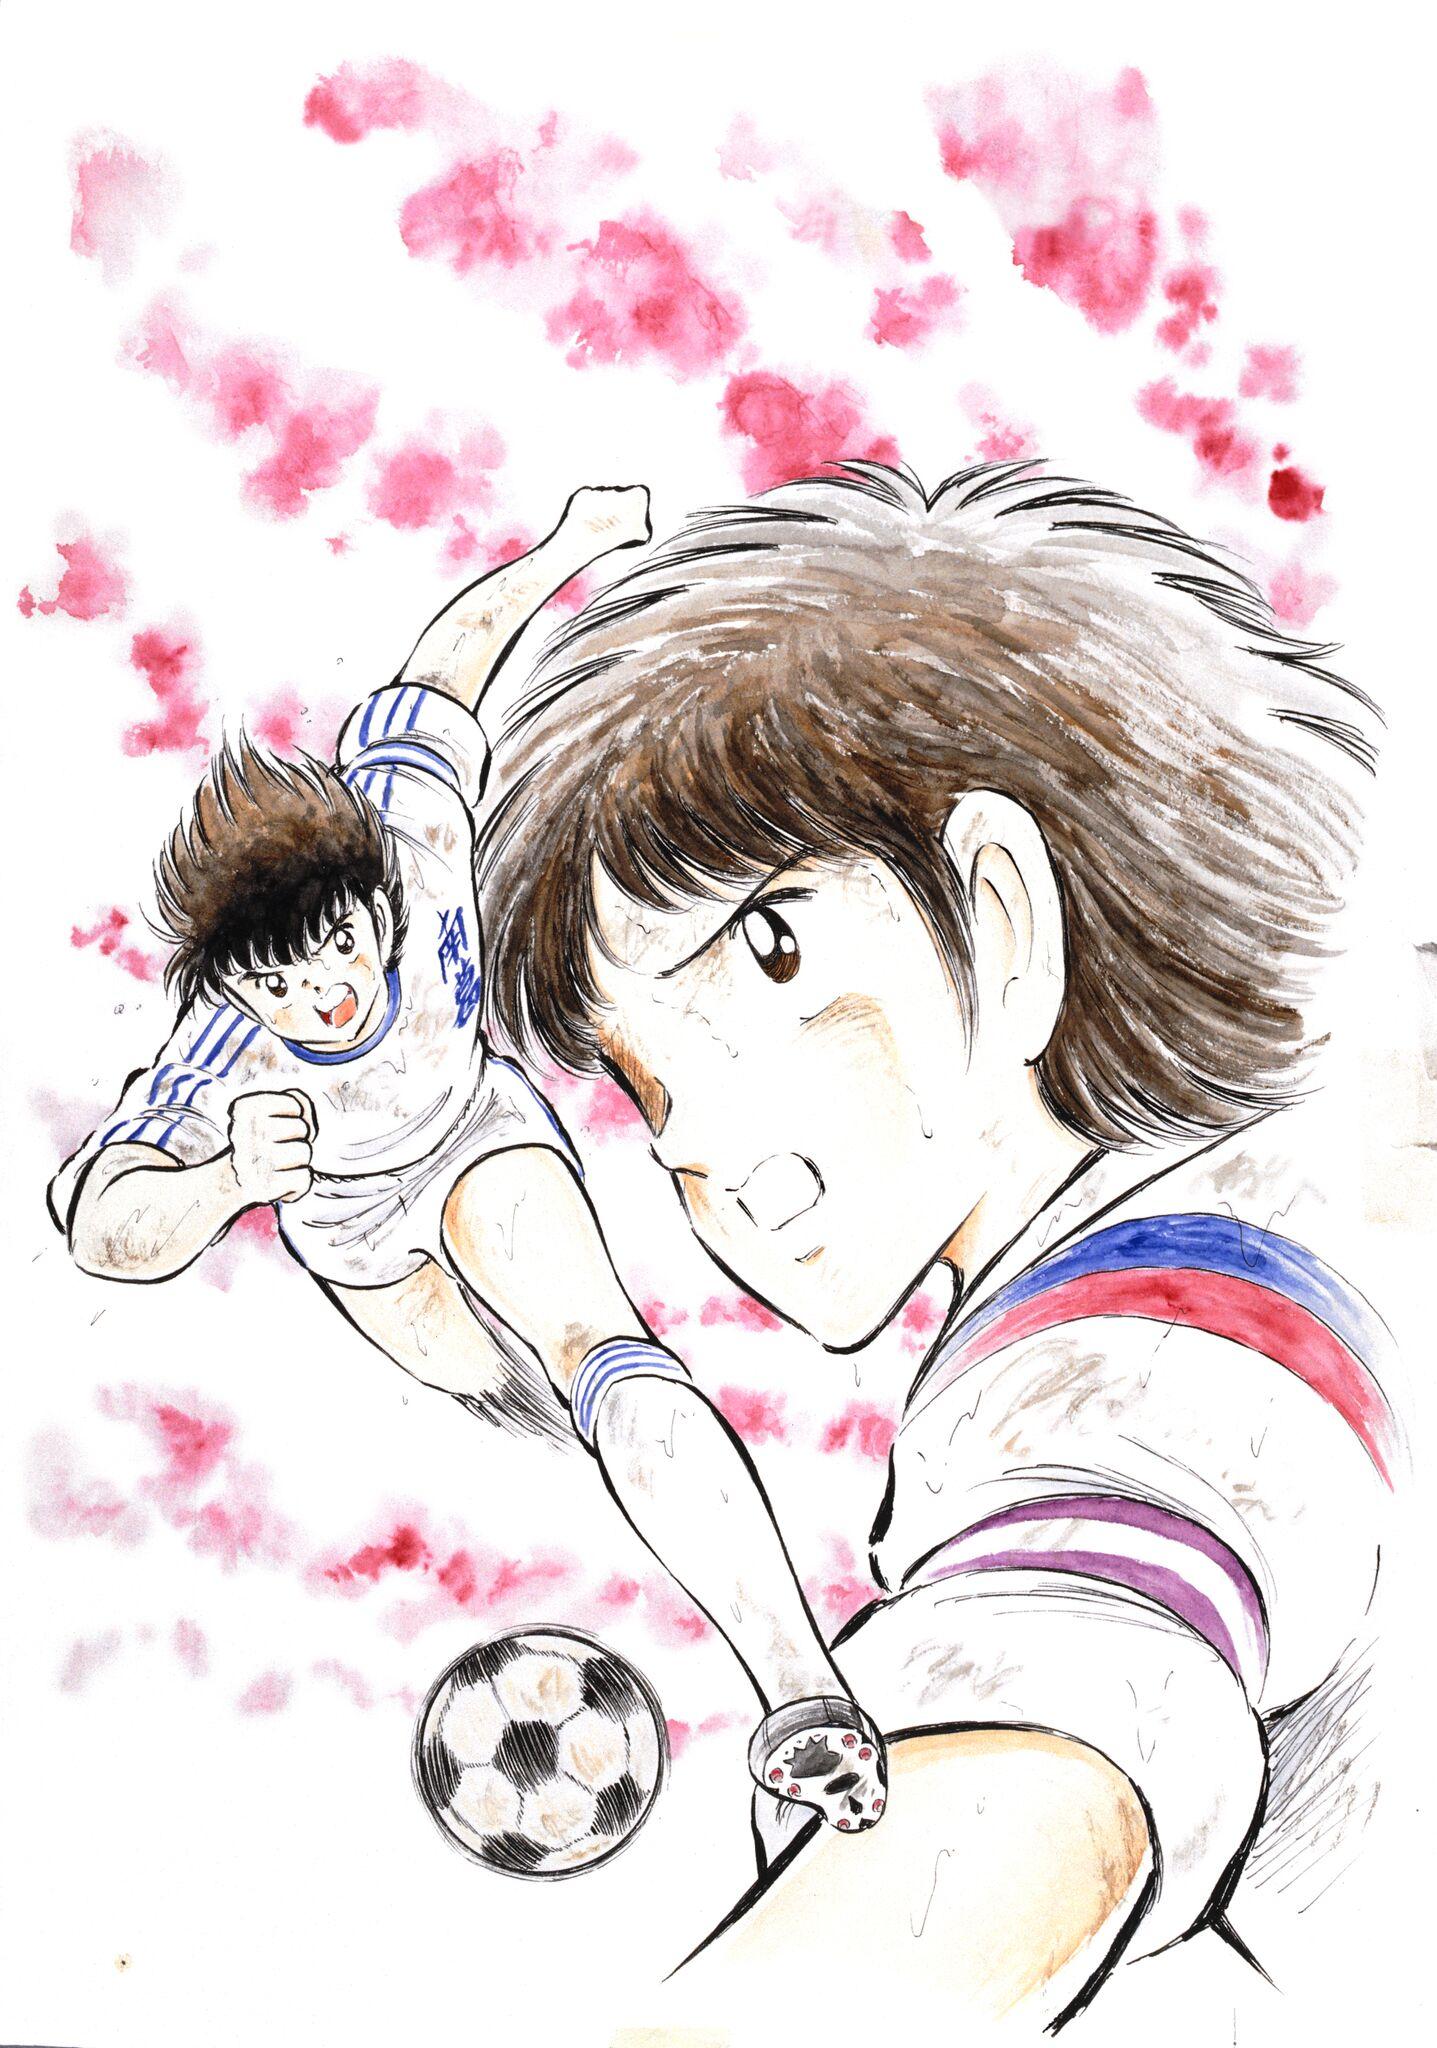 Takahashi Yoichi, Captain Tsubasa, 1981 - 88 © Yoichi Takahashi/Shueisha